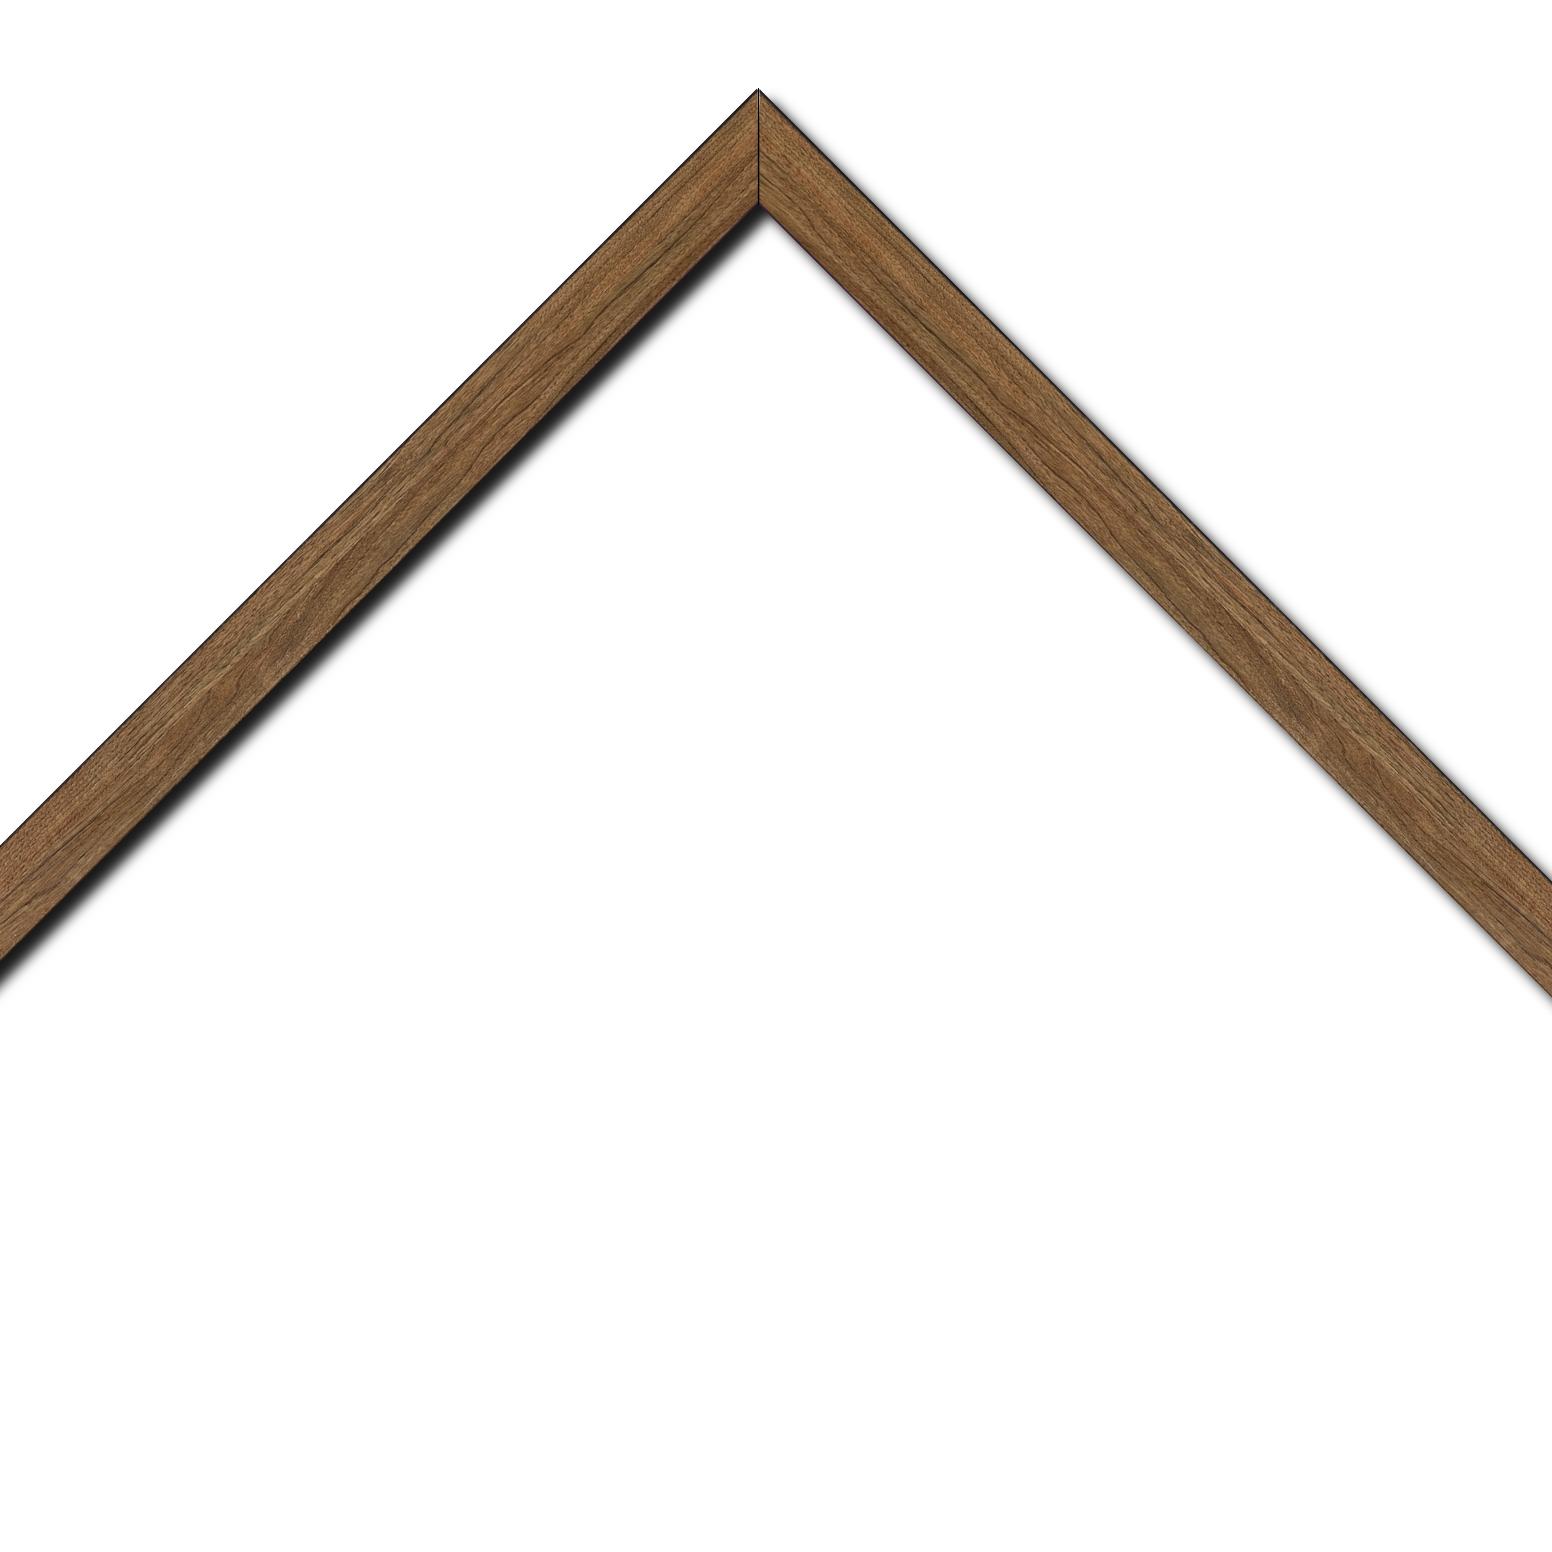 Baguette bois profil plat largeur 2cm décor bois chêne doré